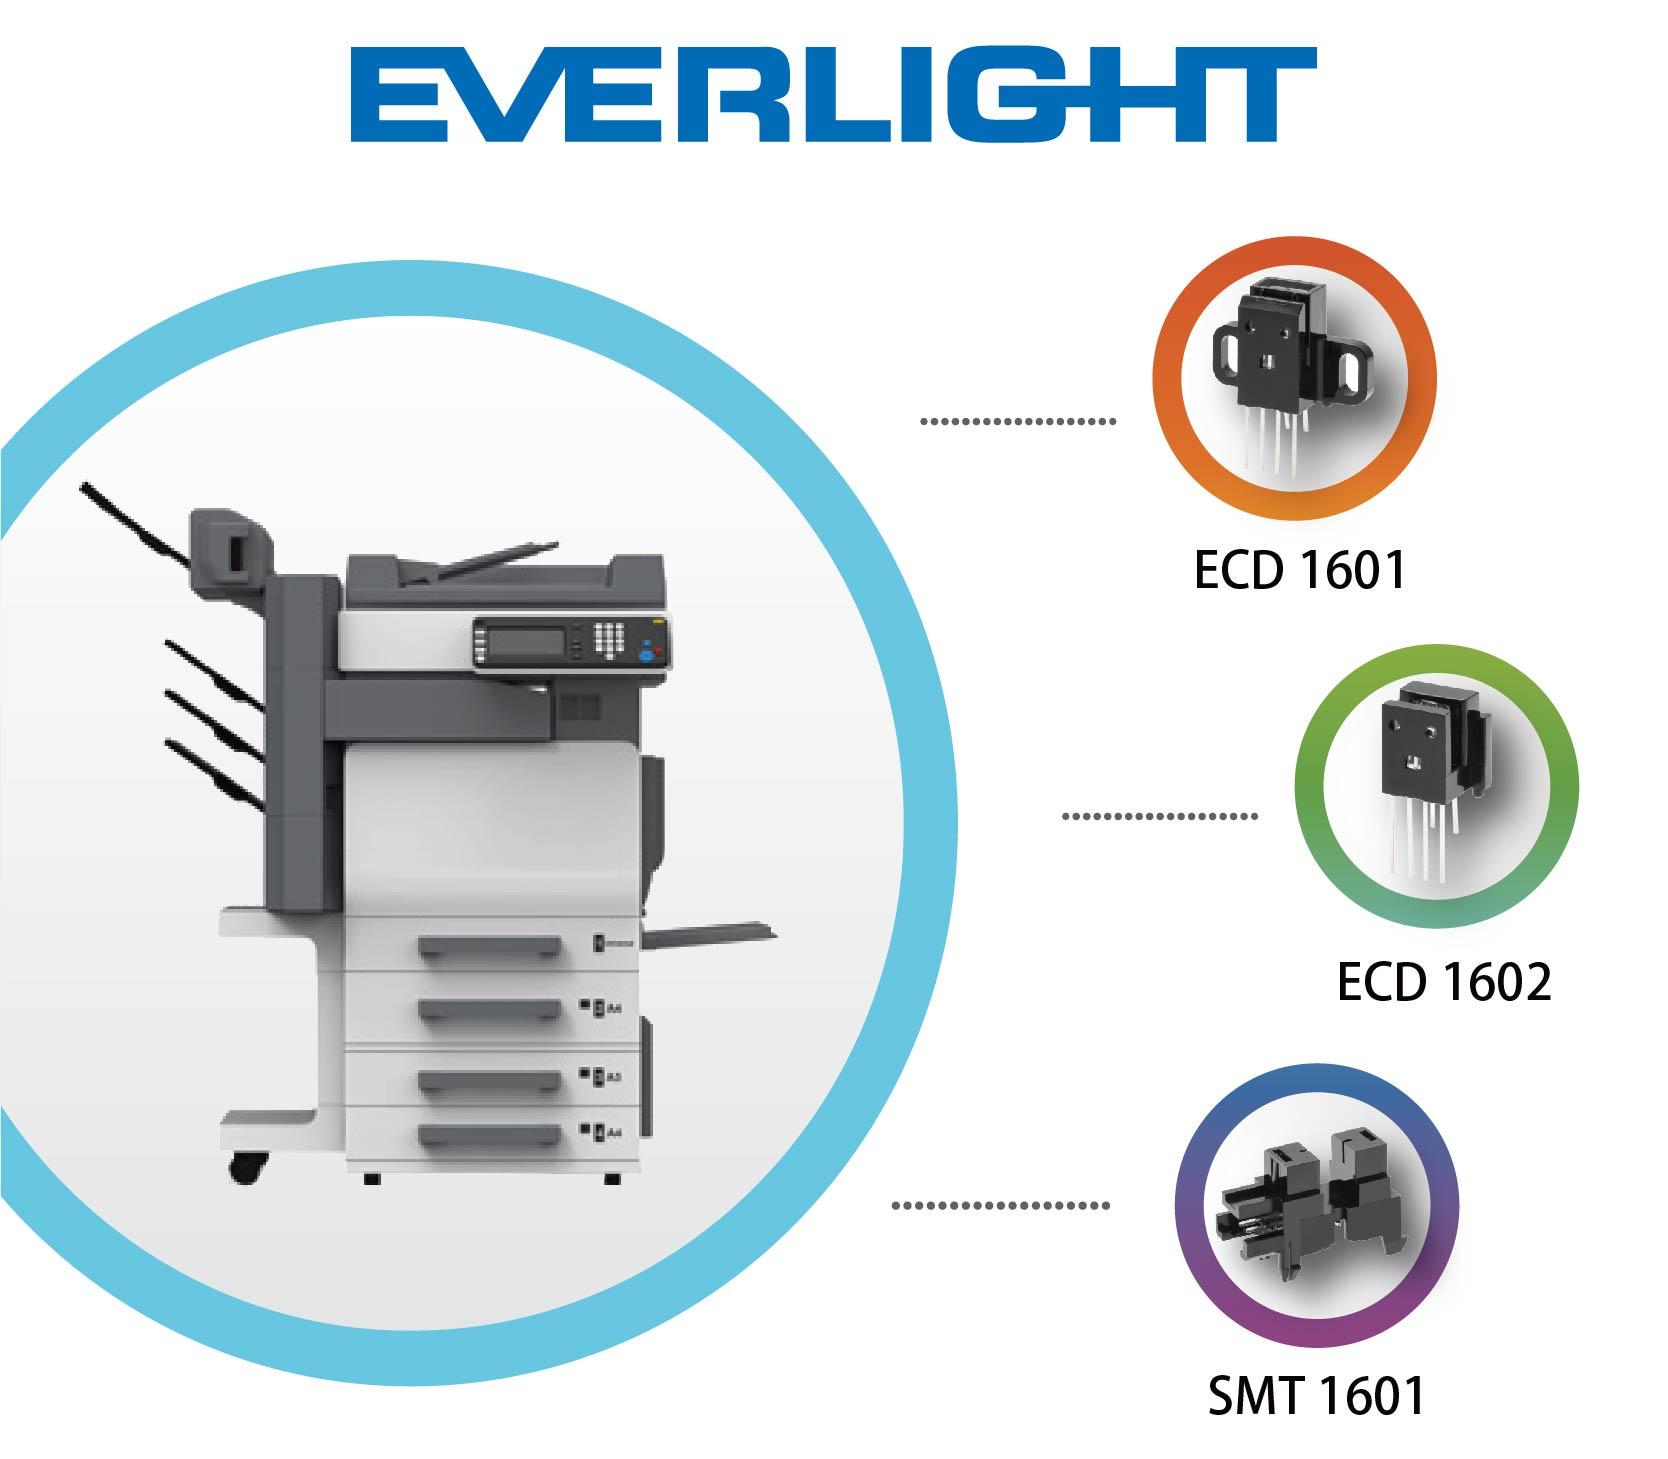 光紅外線新品光遮斷器SMT1601及ECD1601及1602距離感測、反應速度更佳